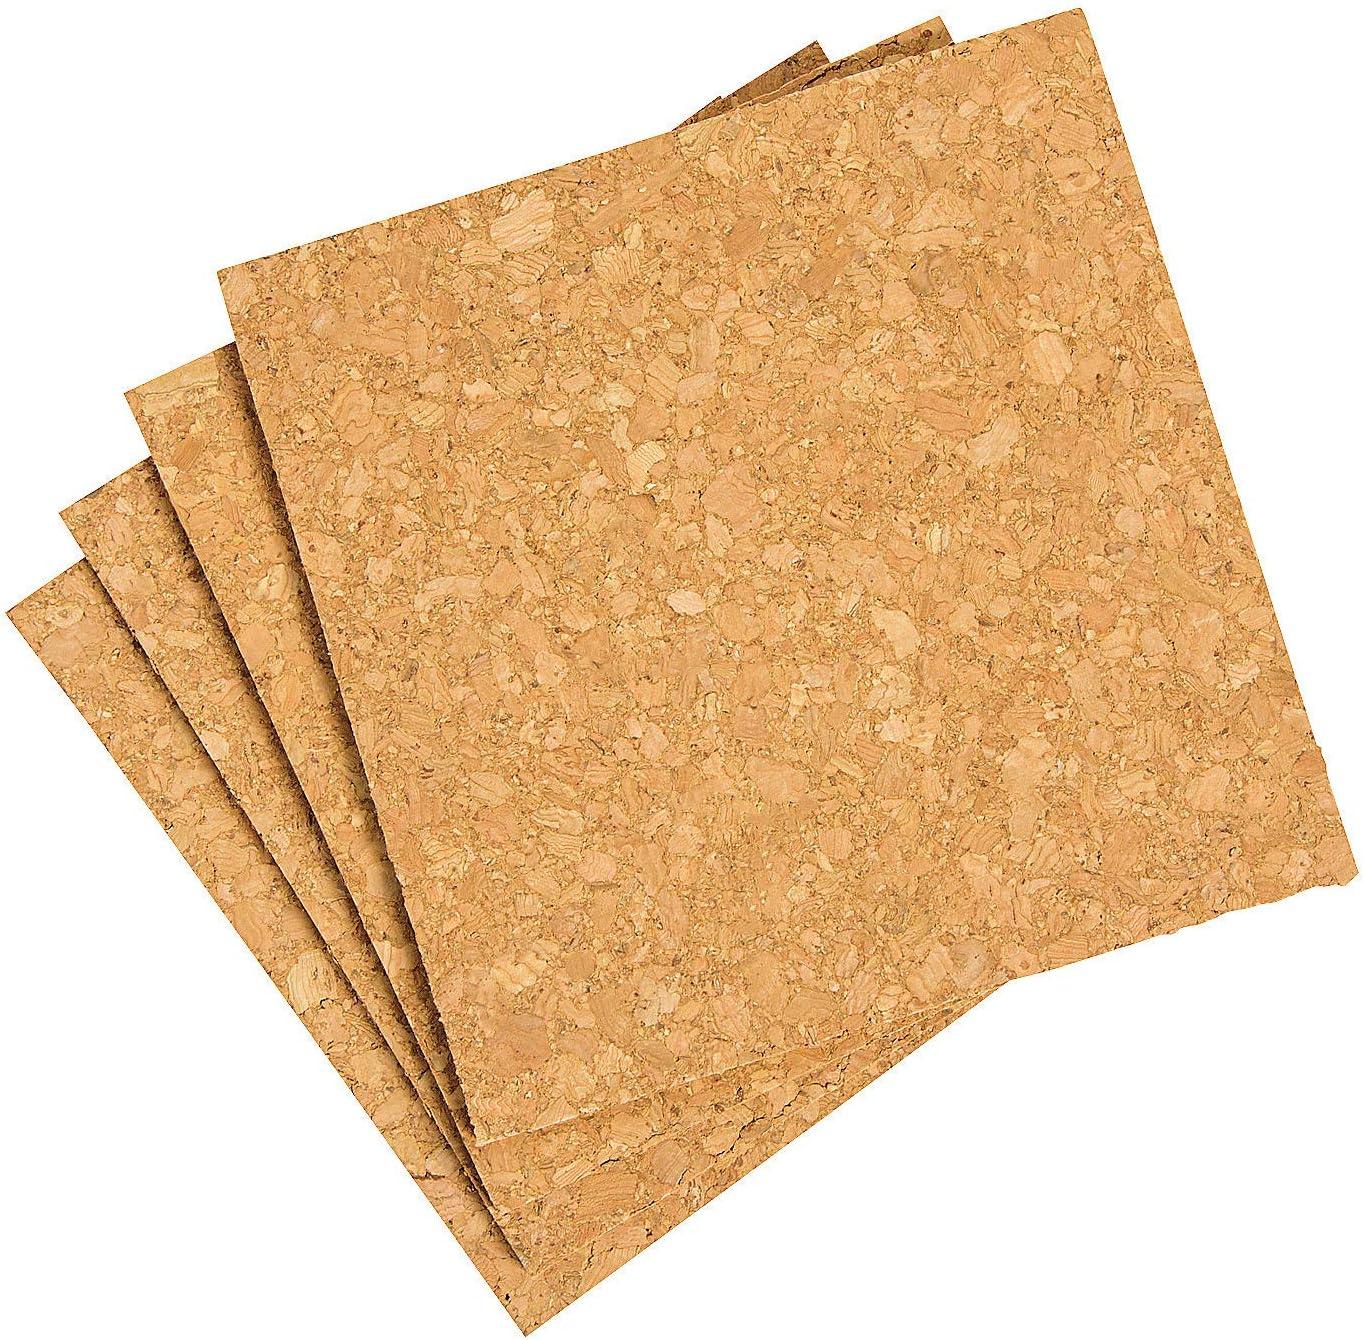 WIDGETCO 1//8 x 6 Cork Squares 6 Pack